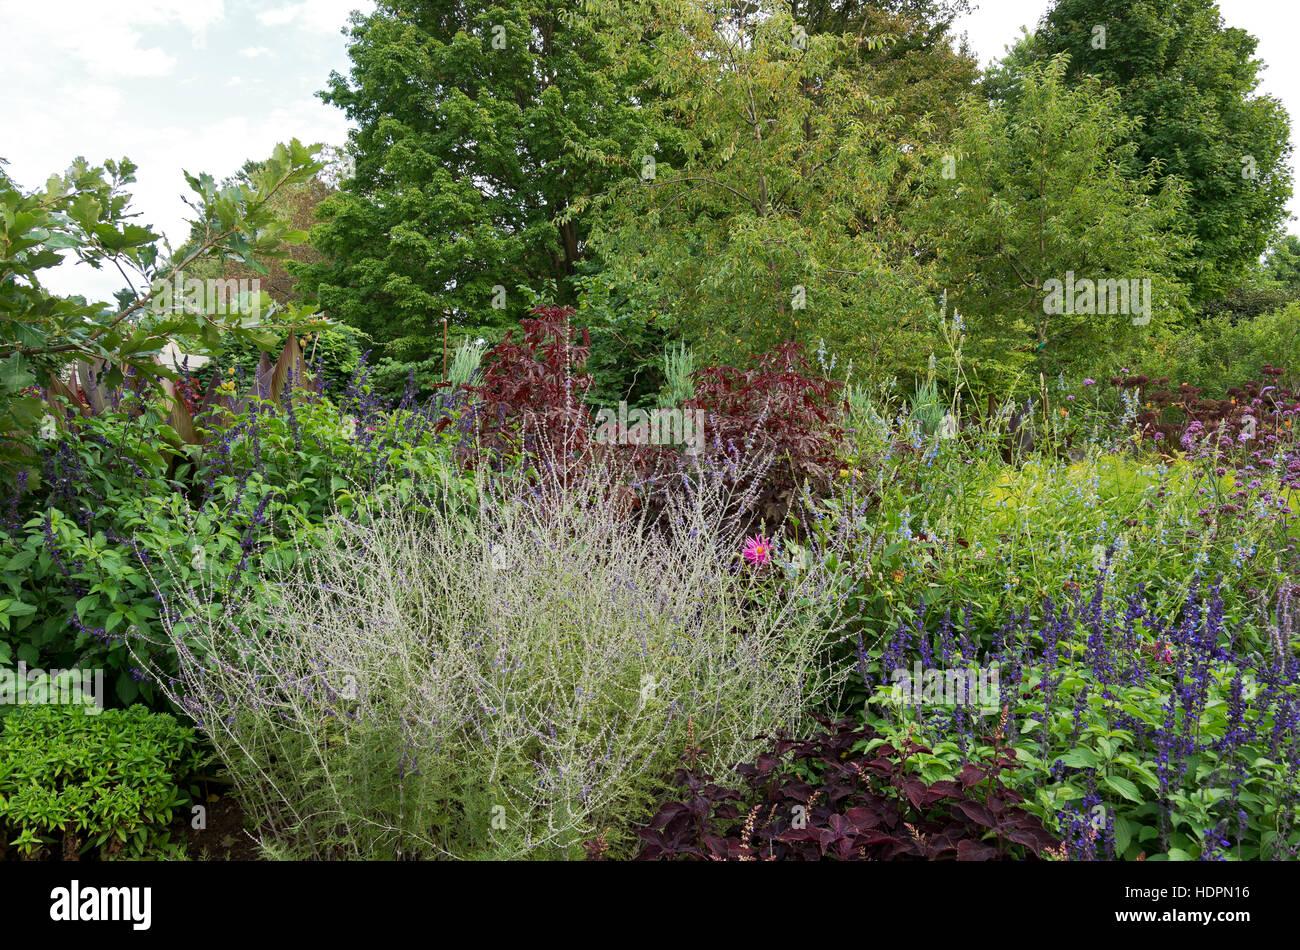 Arbusti Decorativi Da Giardino : Giardino di arbusti ornamentali e piante fiorite delimitata da